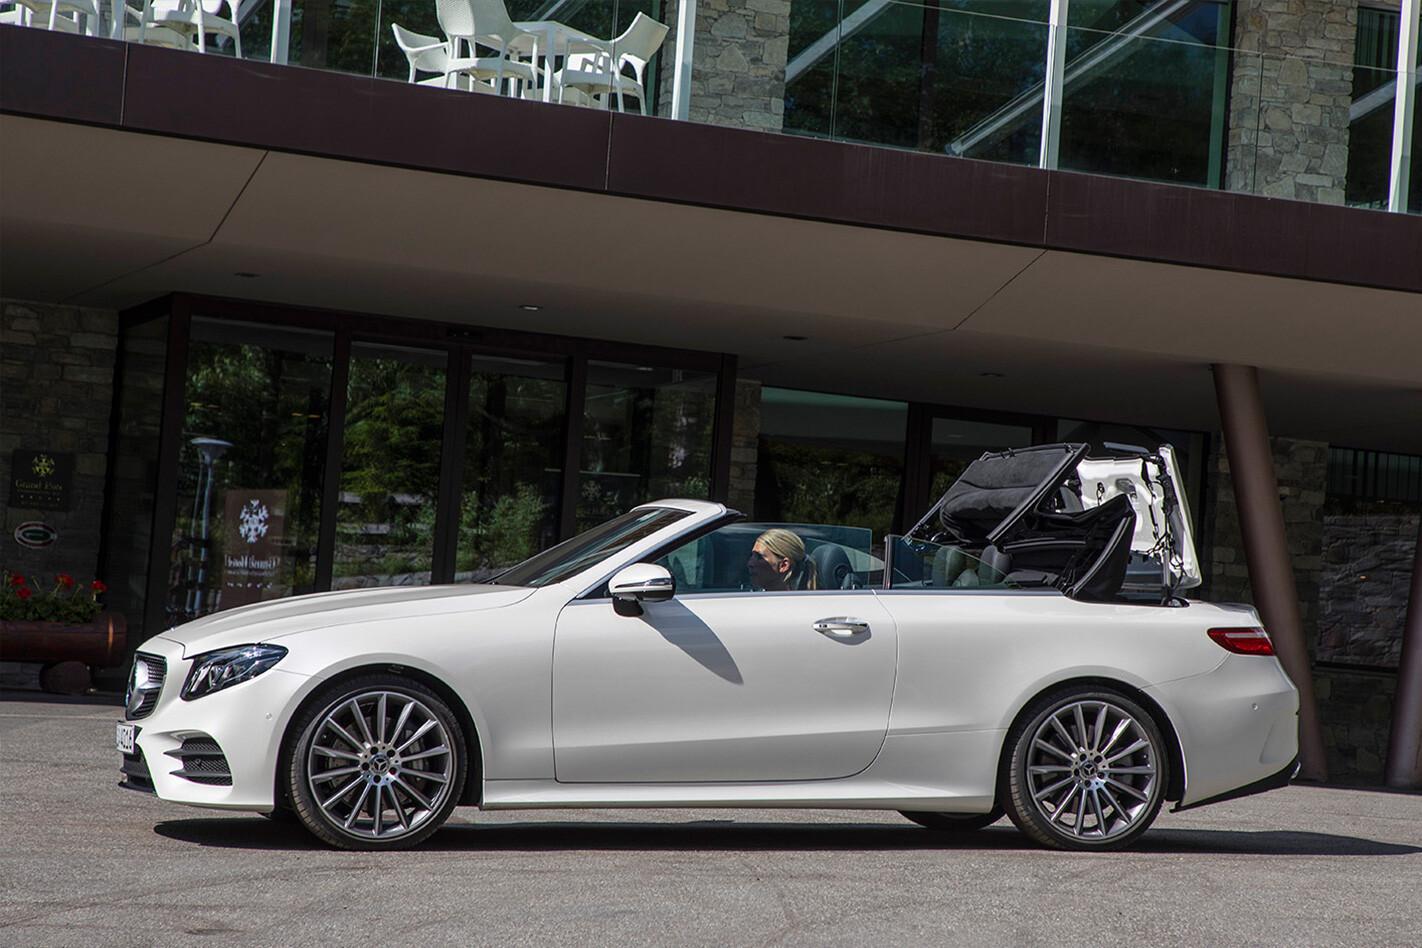 Mercedes E Class Cabriolet Roof Mechanism Jpg